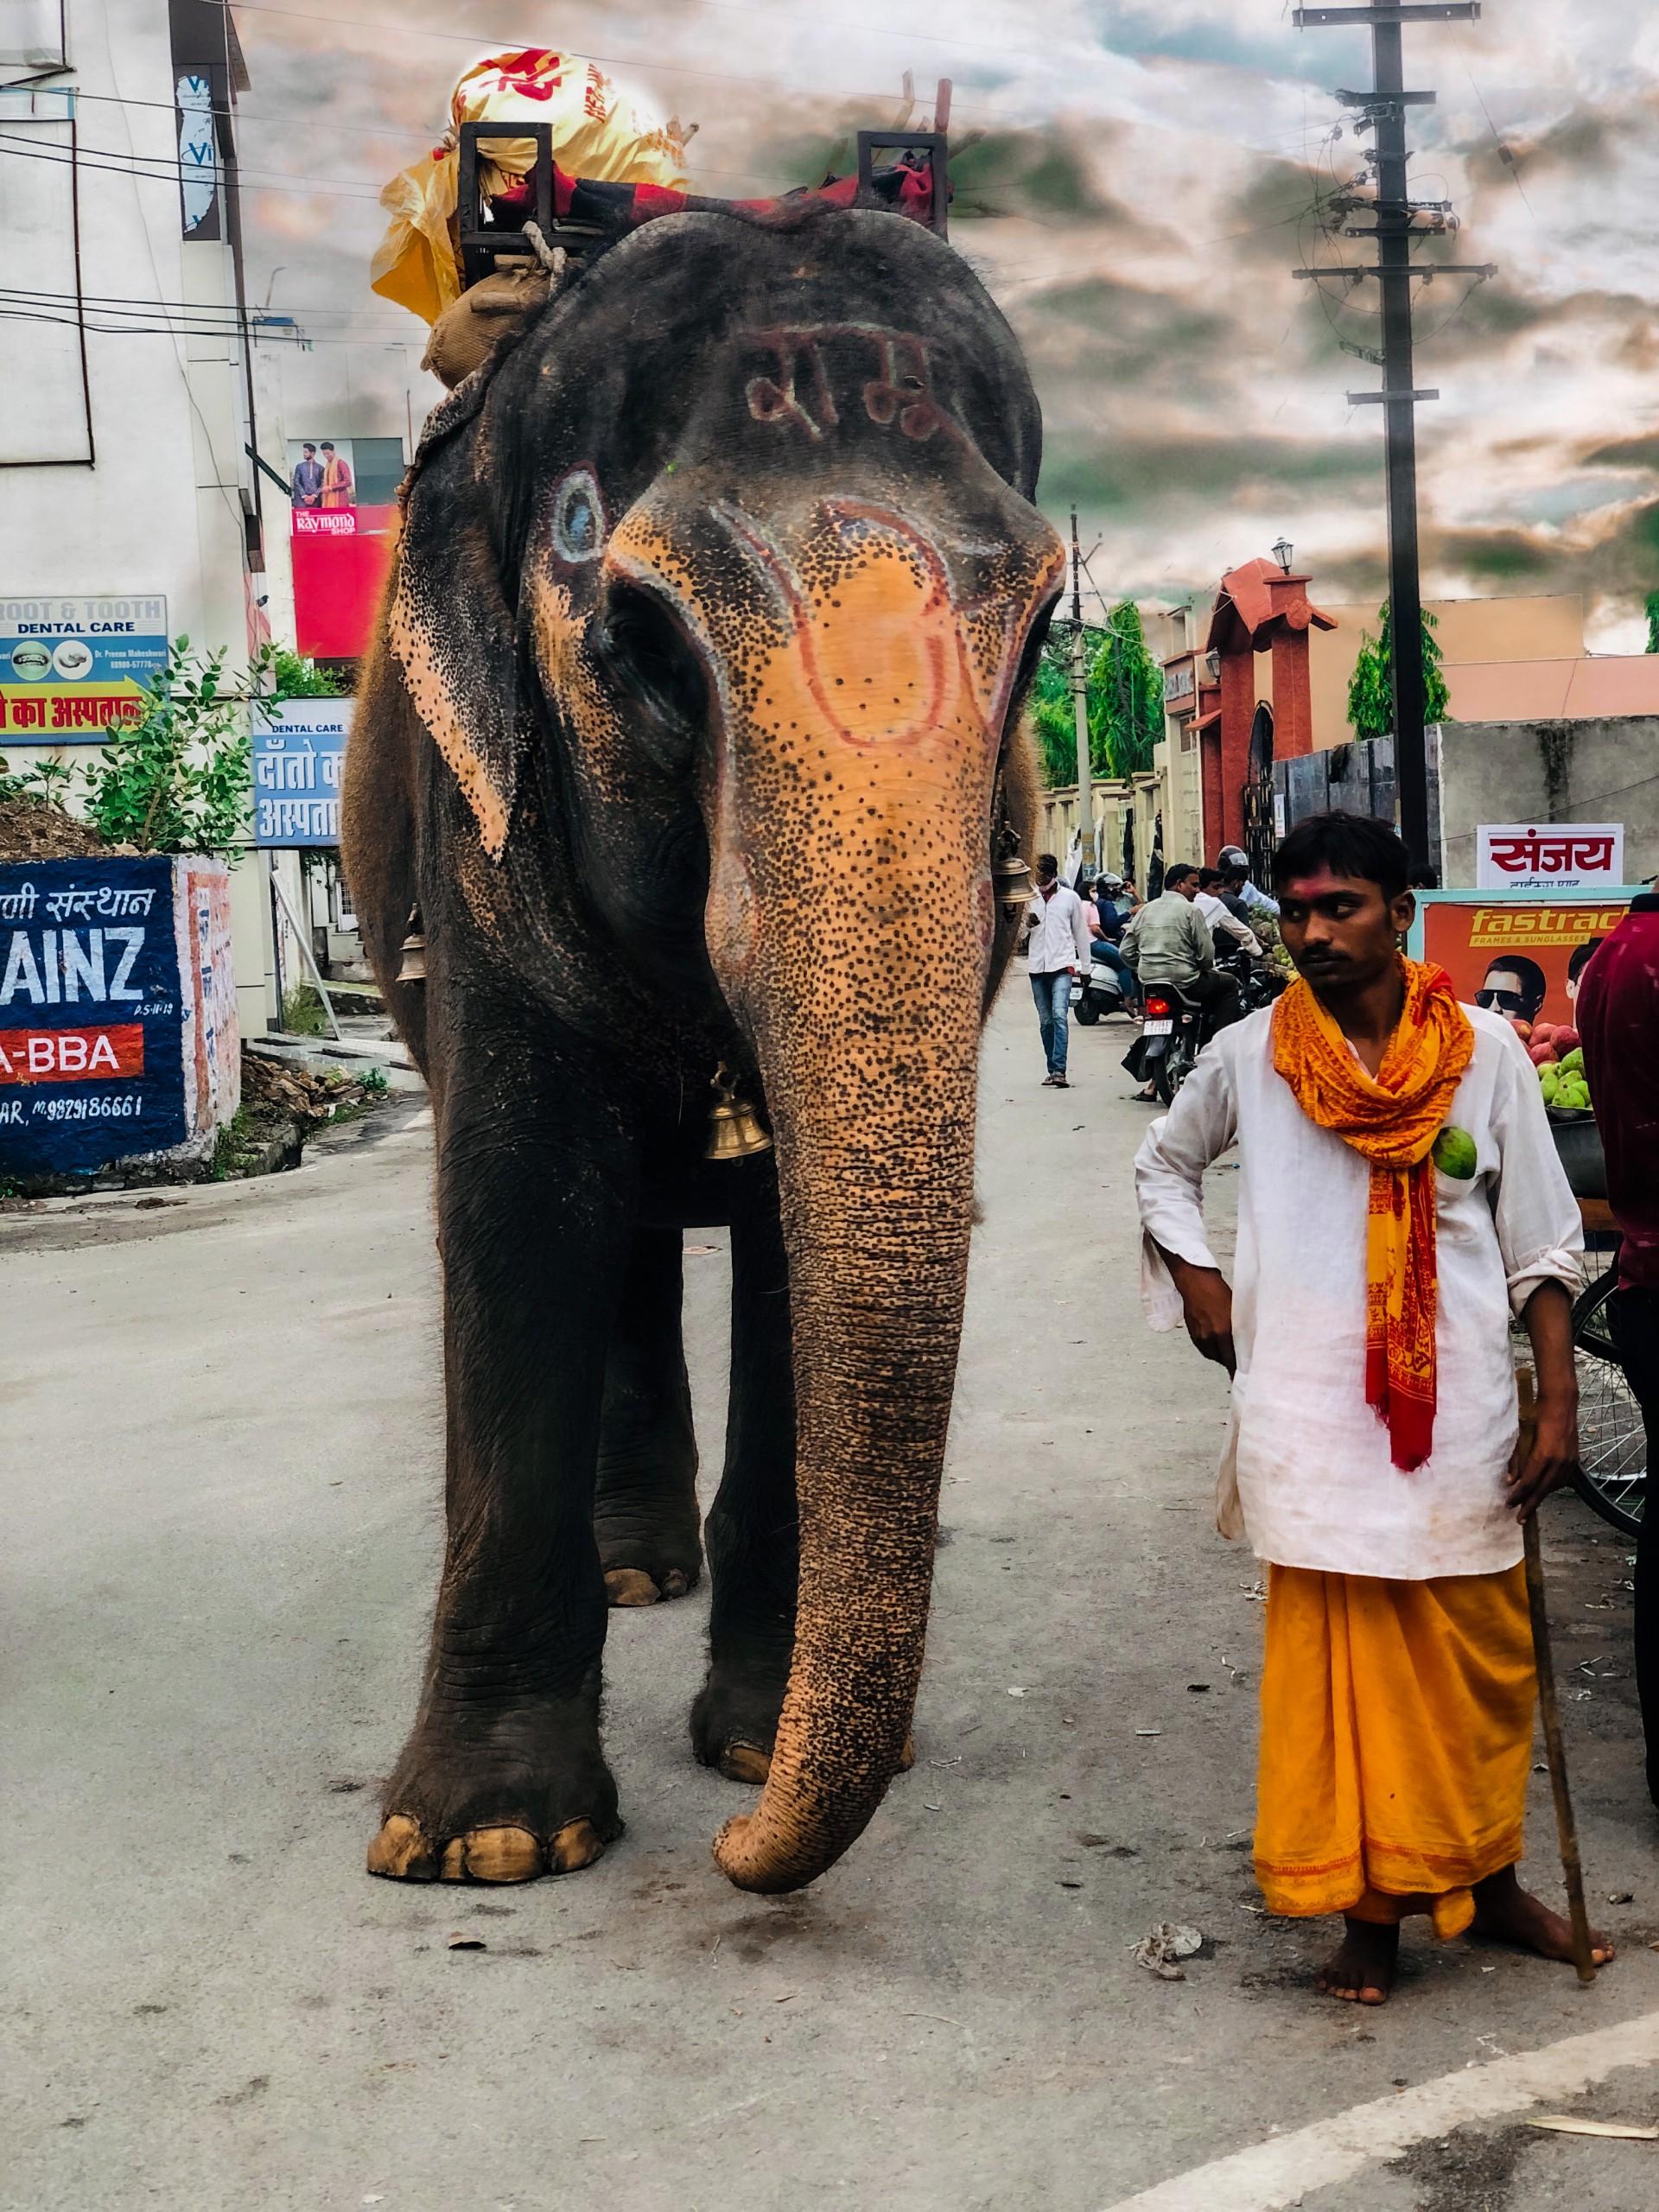 elephant ride in india animal cruelty